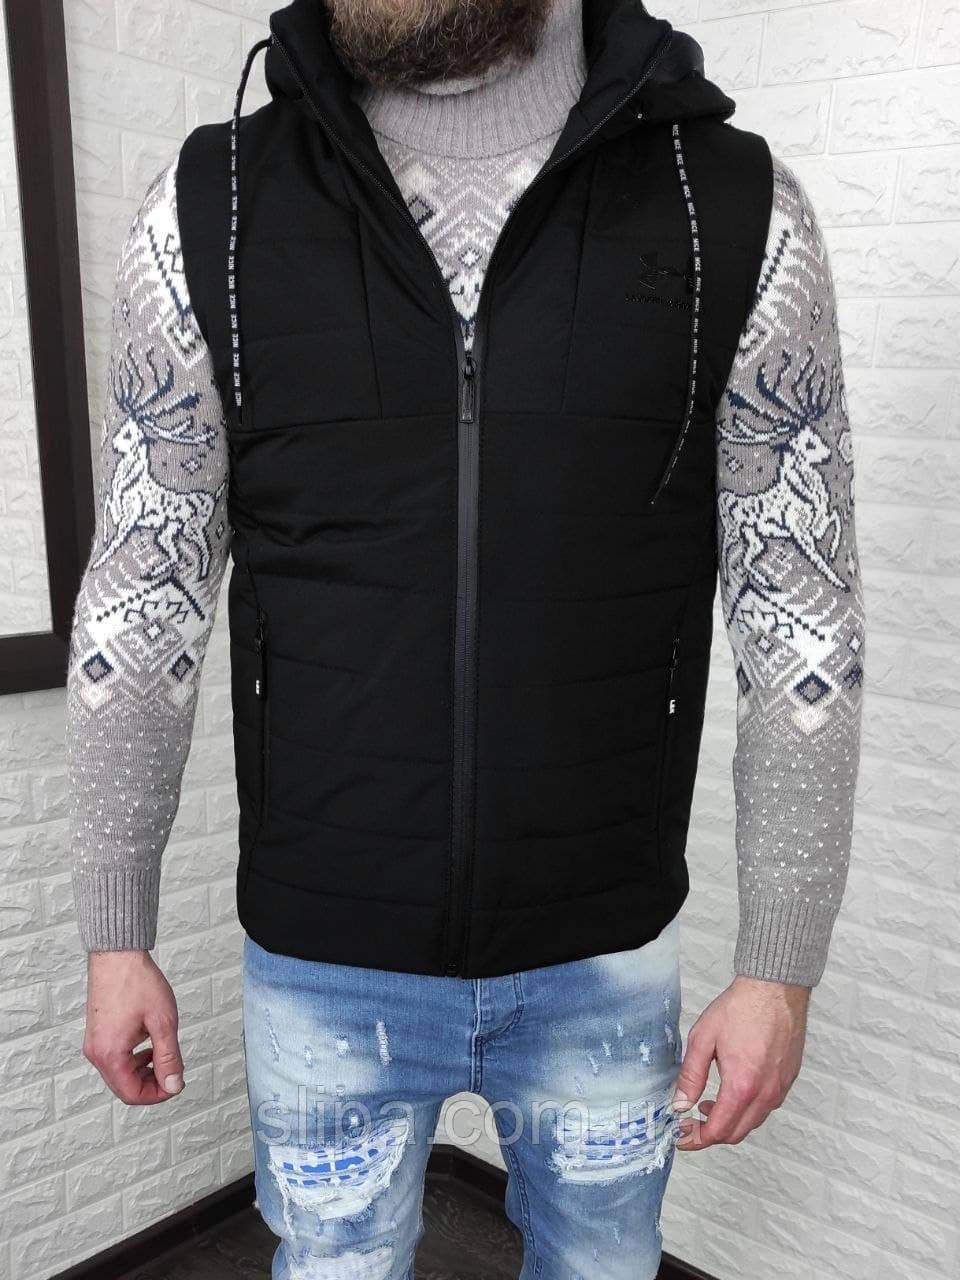 Мужская утеплённая жилетка Under Armour со съёмным капюшоном, чёрная